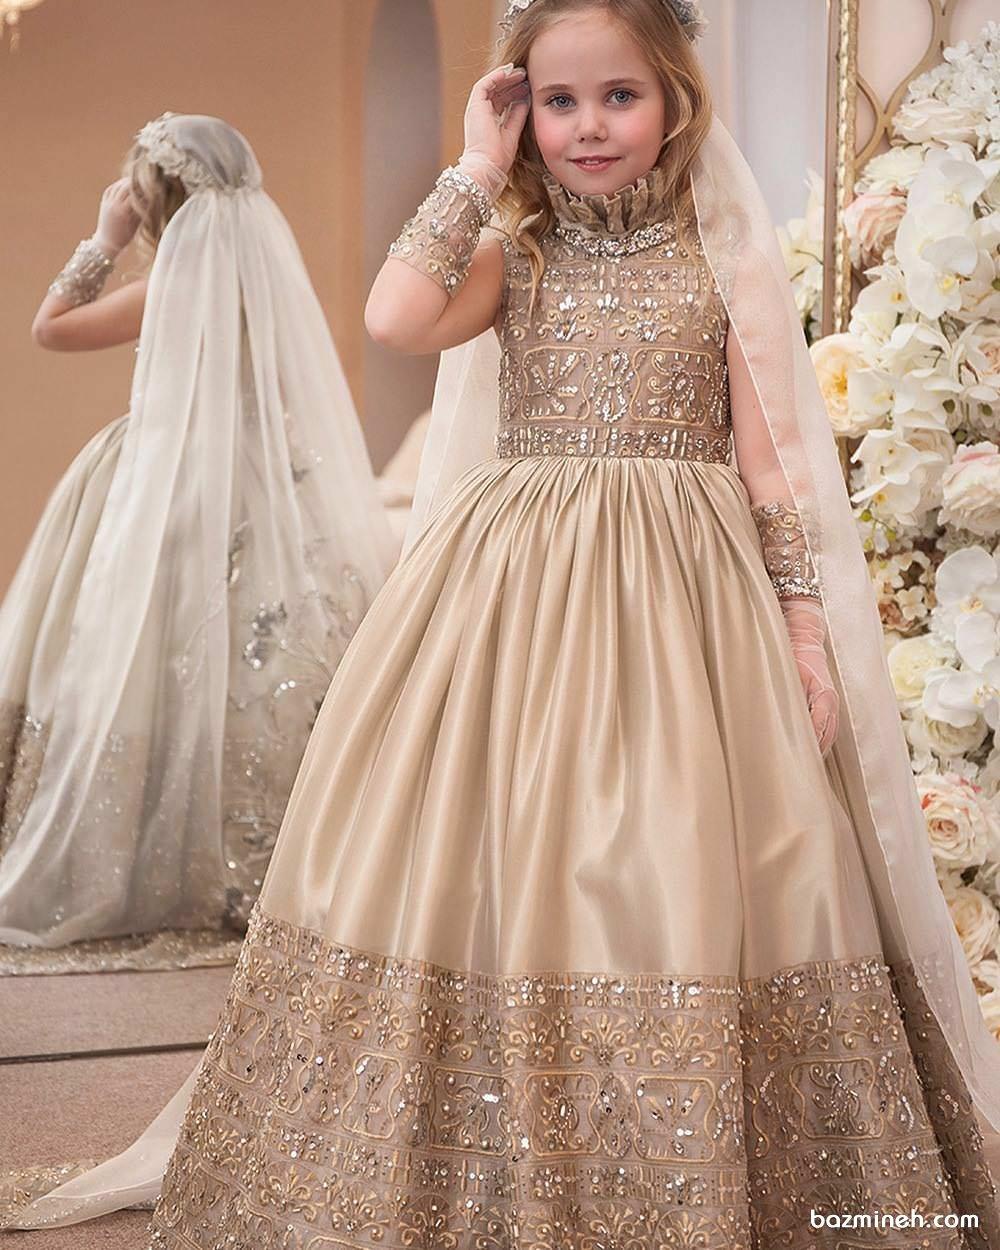 لباس مجلسی کودک با پارچه طلایی سنگدوزی شده و دامن پفی بلند مناسب برای ساقدوش کودک (Flower Girl)